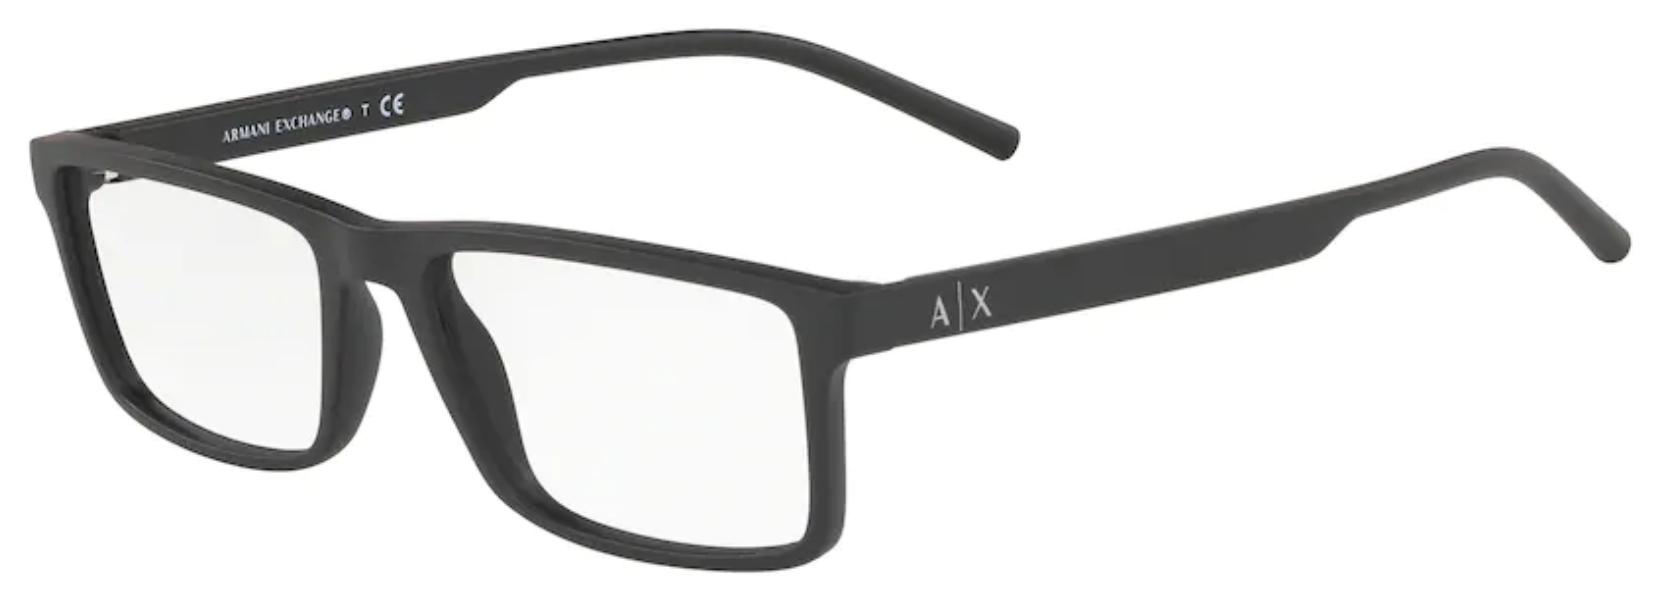 Óculos de Grau Armani Exchange Preto AX AX3060 8029 Tam.54